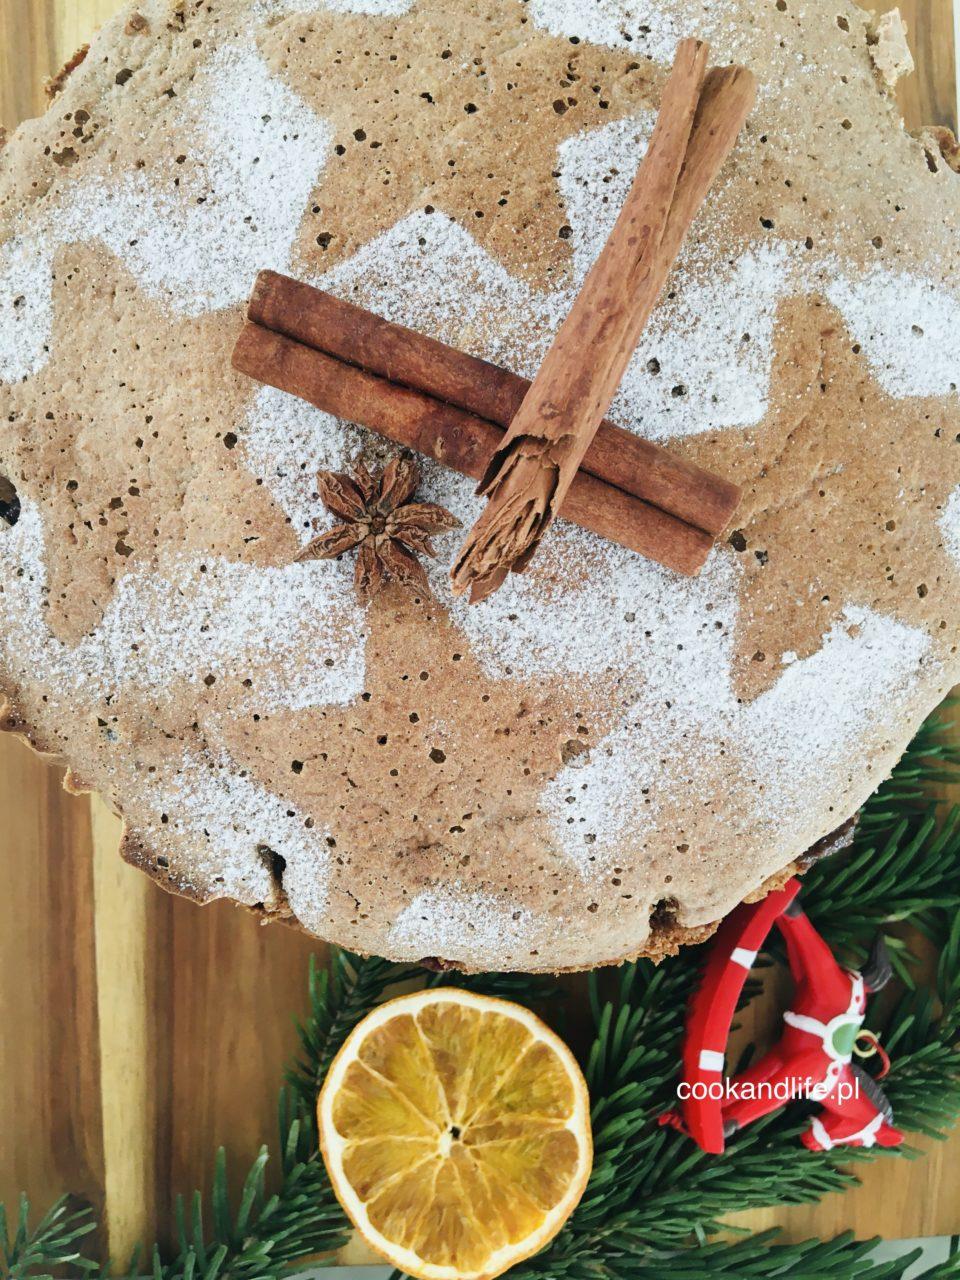 Piernik odchudzony świąteczny przepis